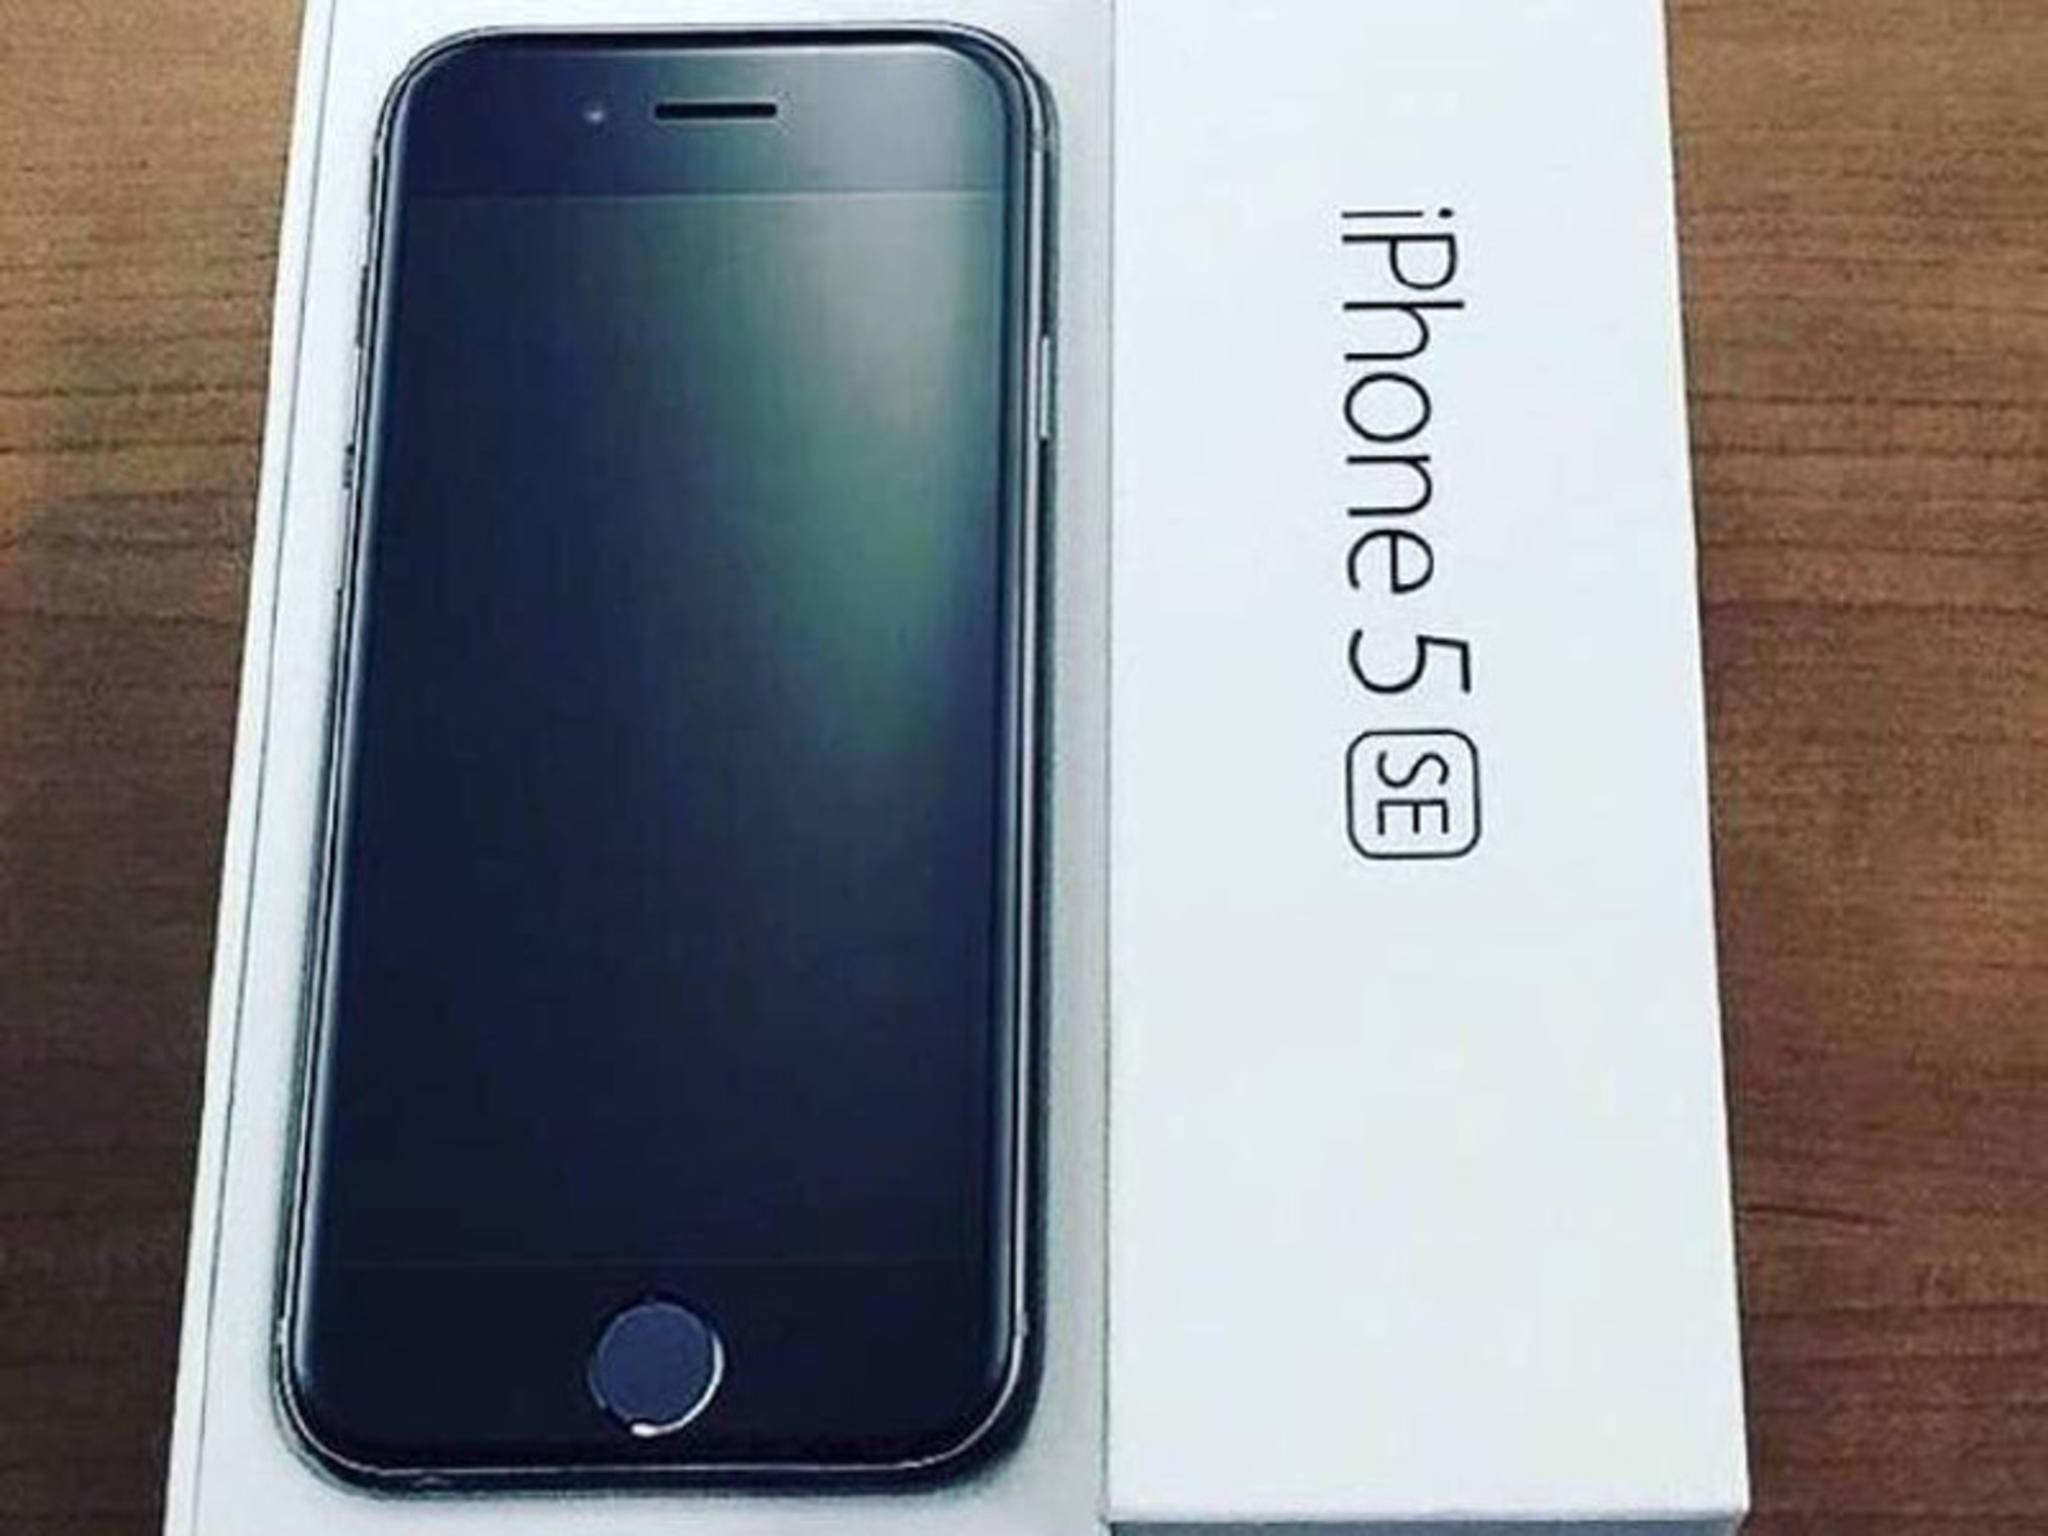 Zeigt sich das iPhone 5se hier wirklich in seiner Verkaufsverpackung?